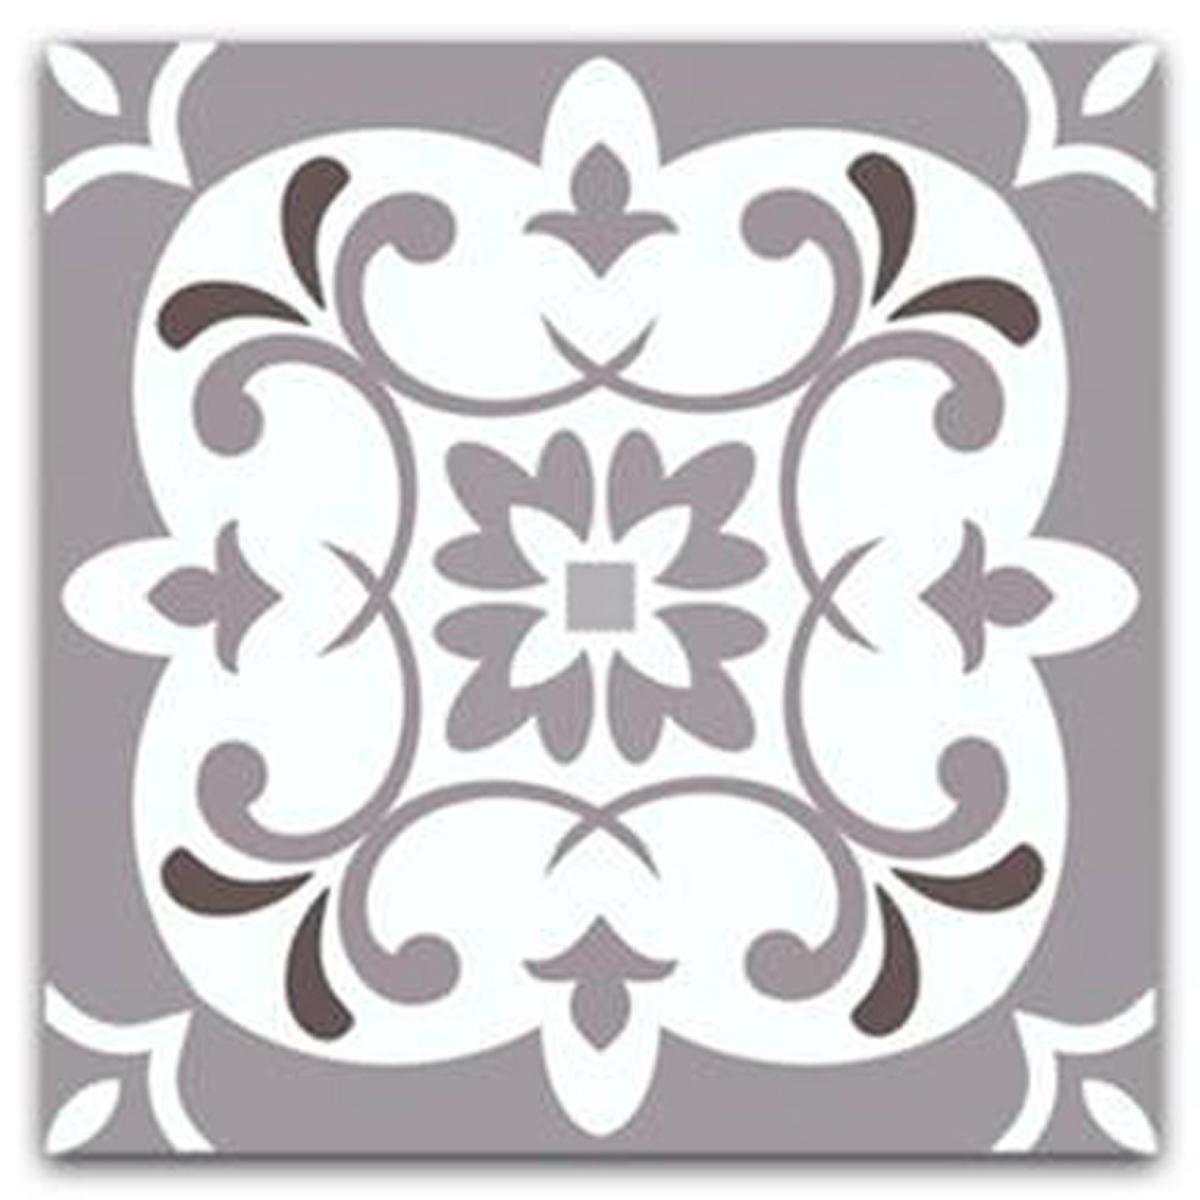 Dessous de plat \'Boho\' gris blanc (carreaux) - 18x18 cm - [Q5868]